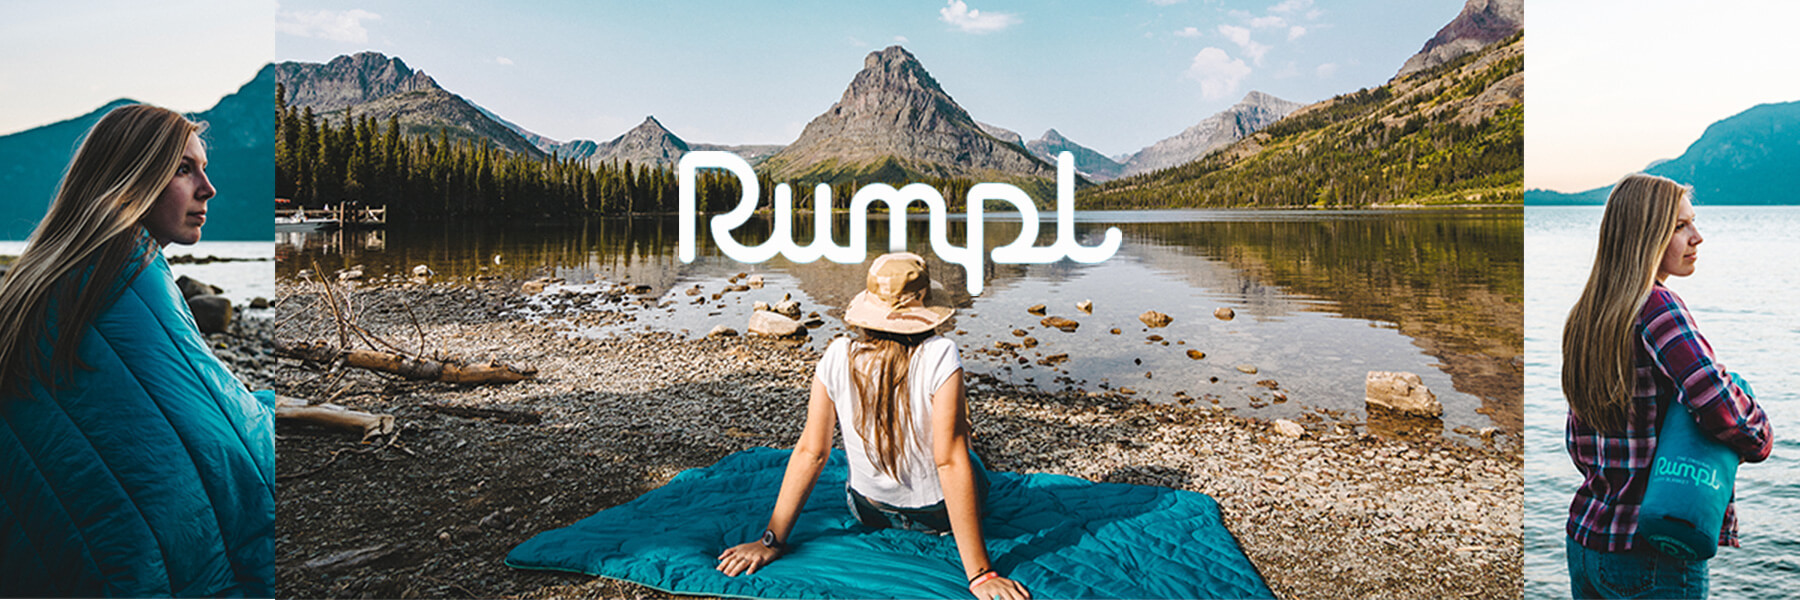 rumpl banner 2